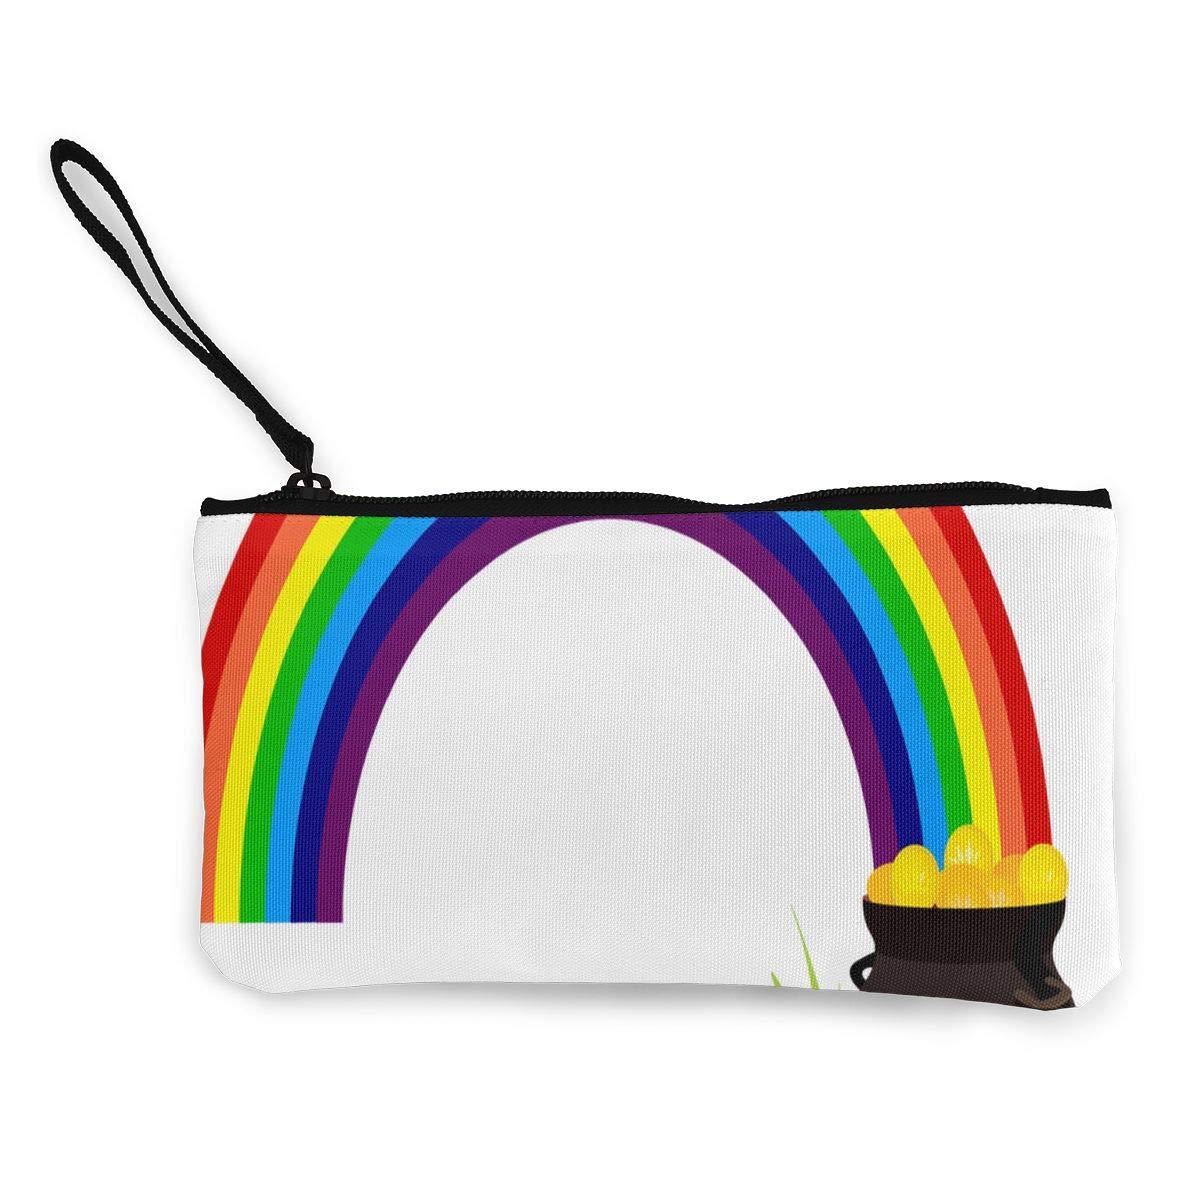 小銭入れ レインボー 聖パトリックの祝日 レディース ジップ キャンバス 財布 旅行用 スペシャルバッグ 4.5